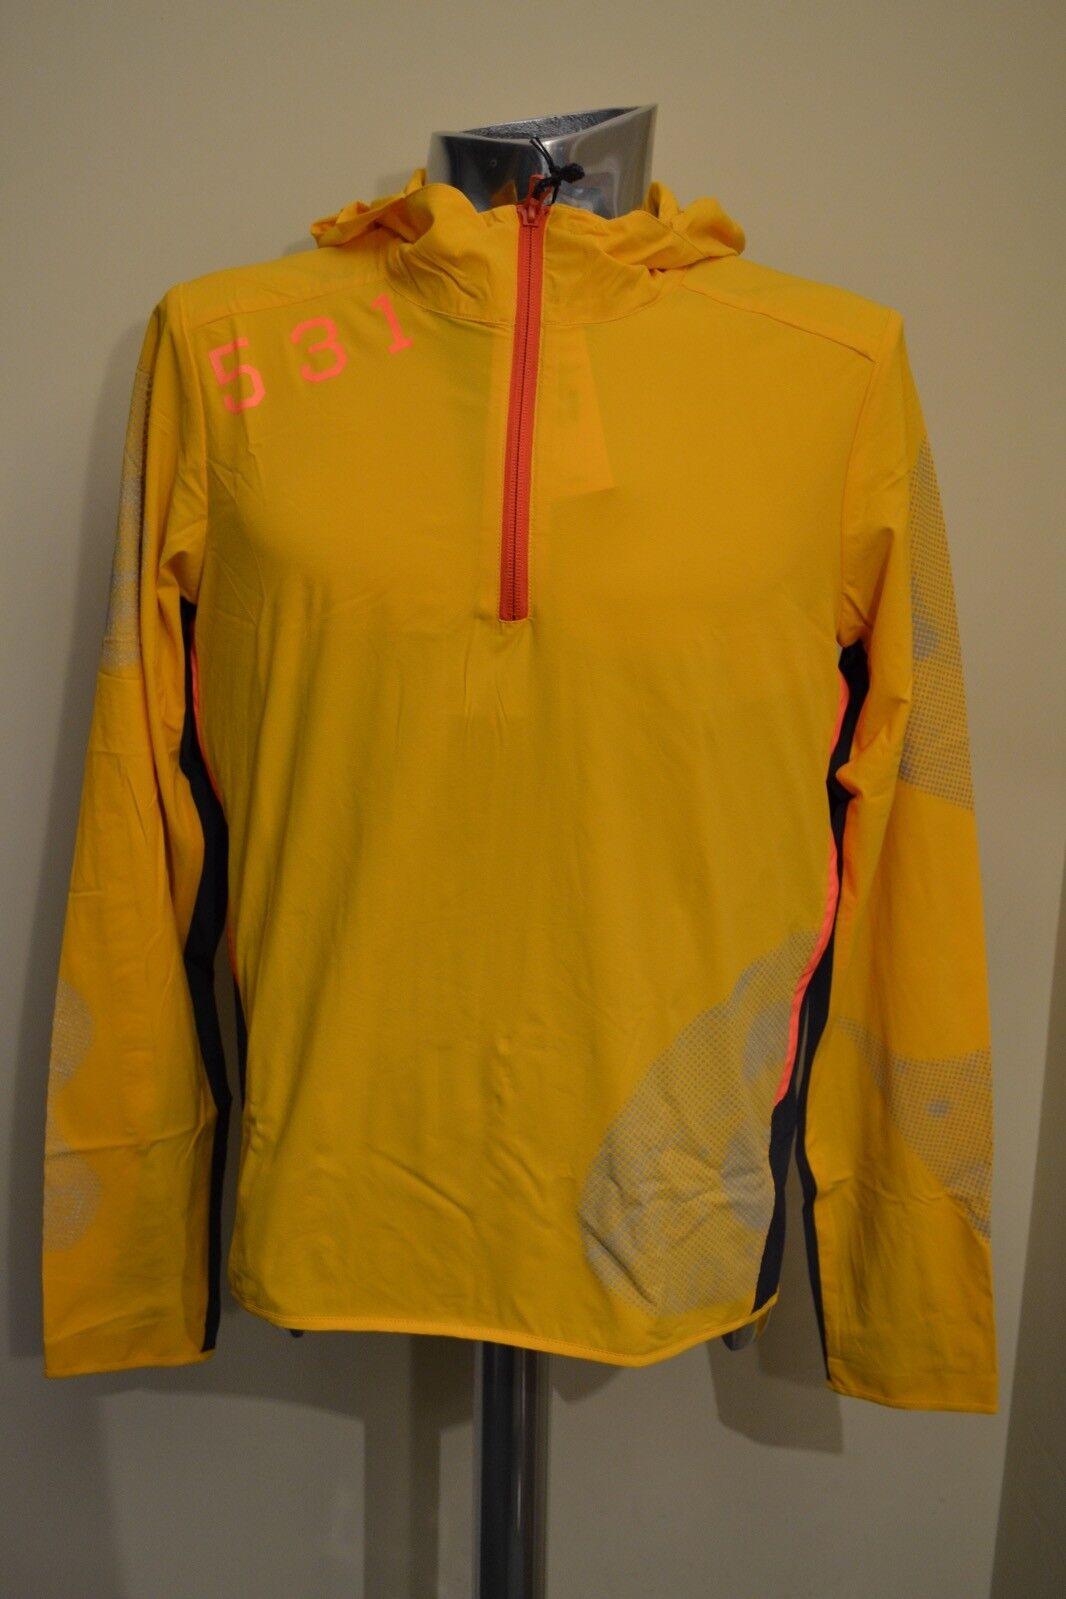 Paul Smith Smith Smith 531 Gelb Regenfest Radsport Kapuzenpullover GRÖSSE M NEU 6802a9